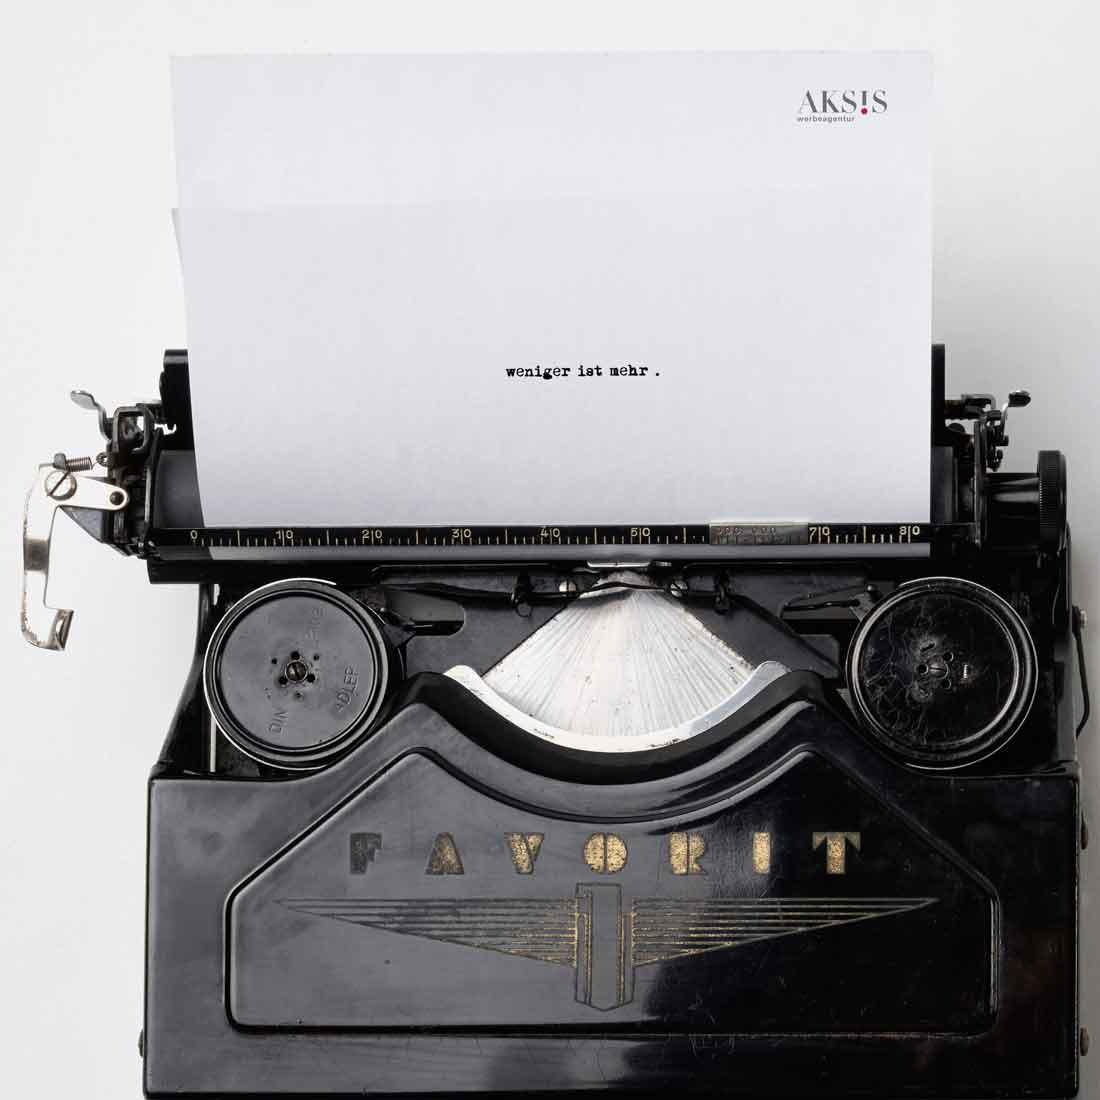 Insights - Eine Schreibmaschine mit einem Briefbogen der Aksis Werbeagentur